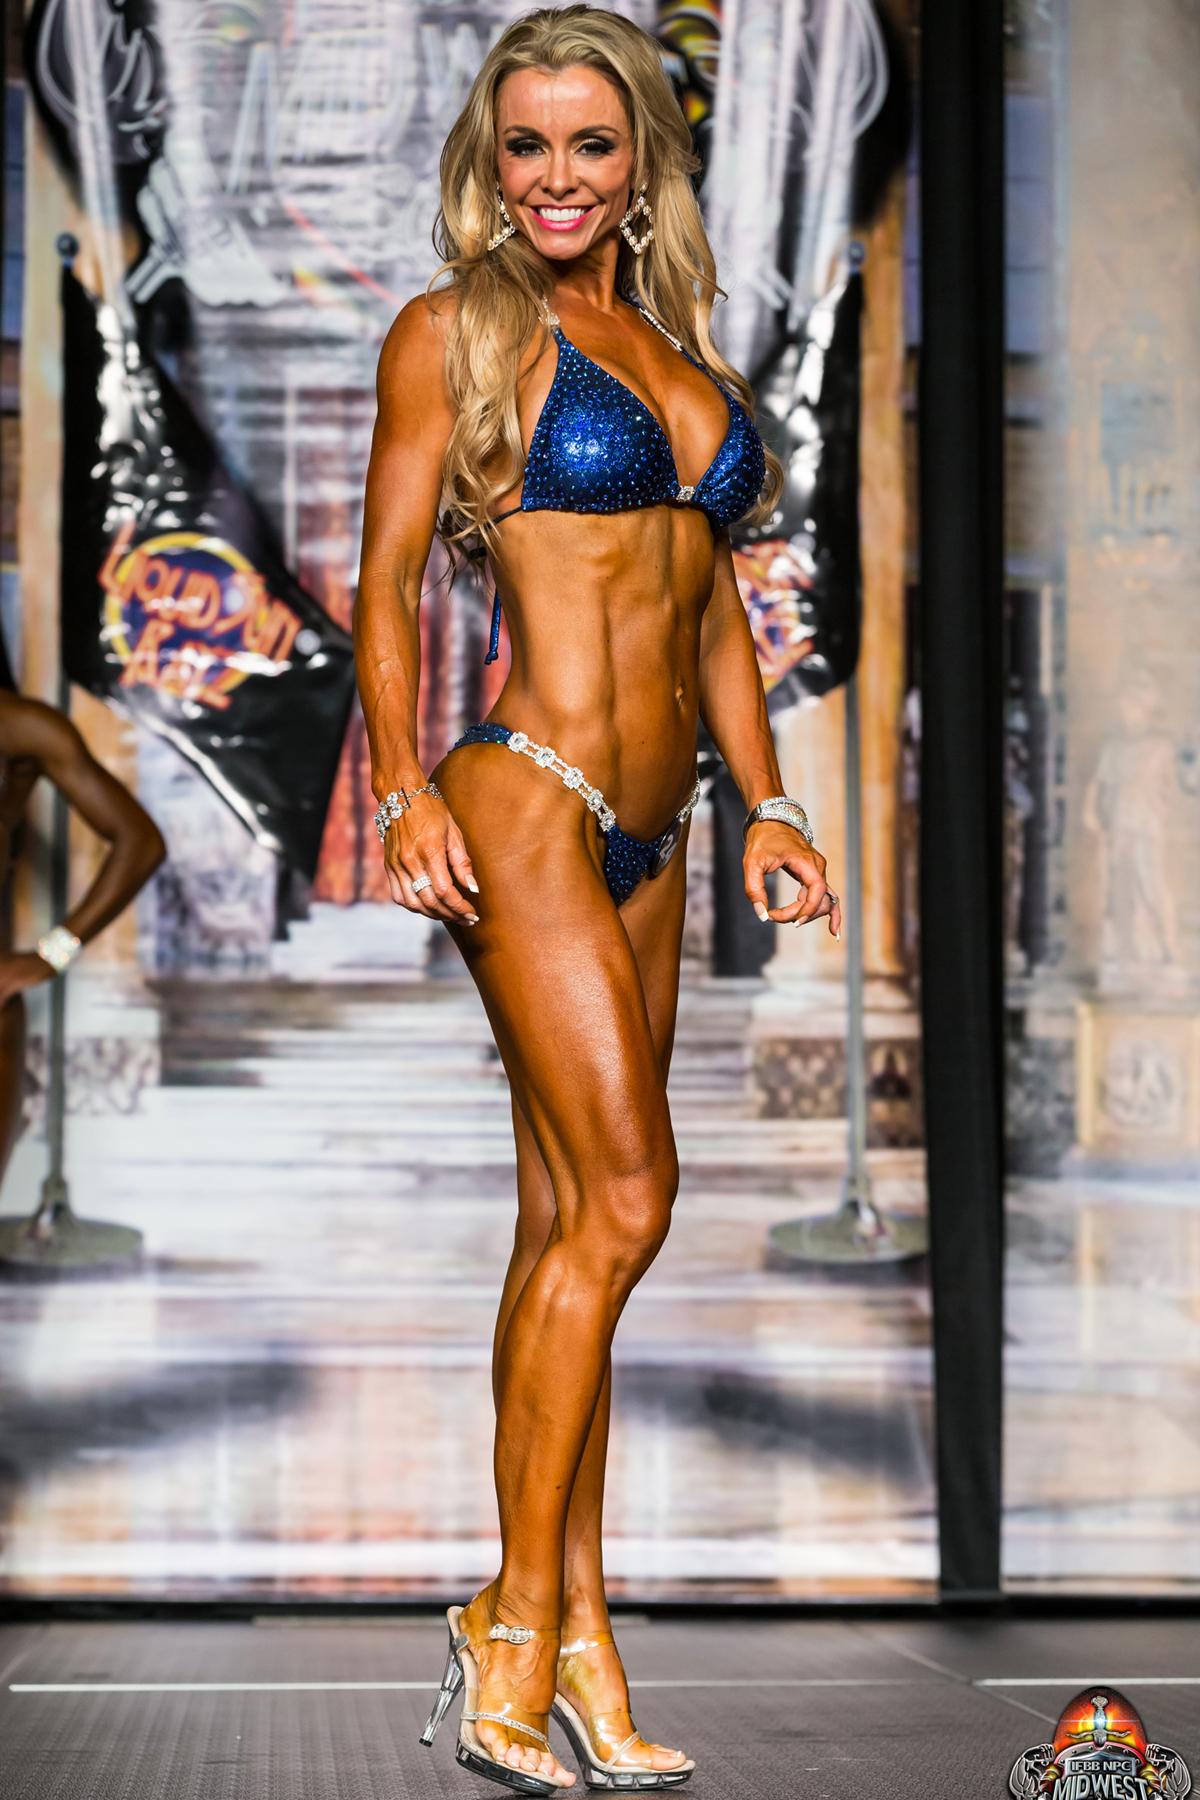 Kristie Winter - IFBB Bikini Pro